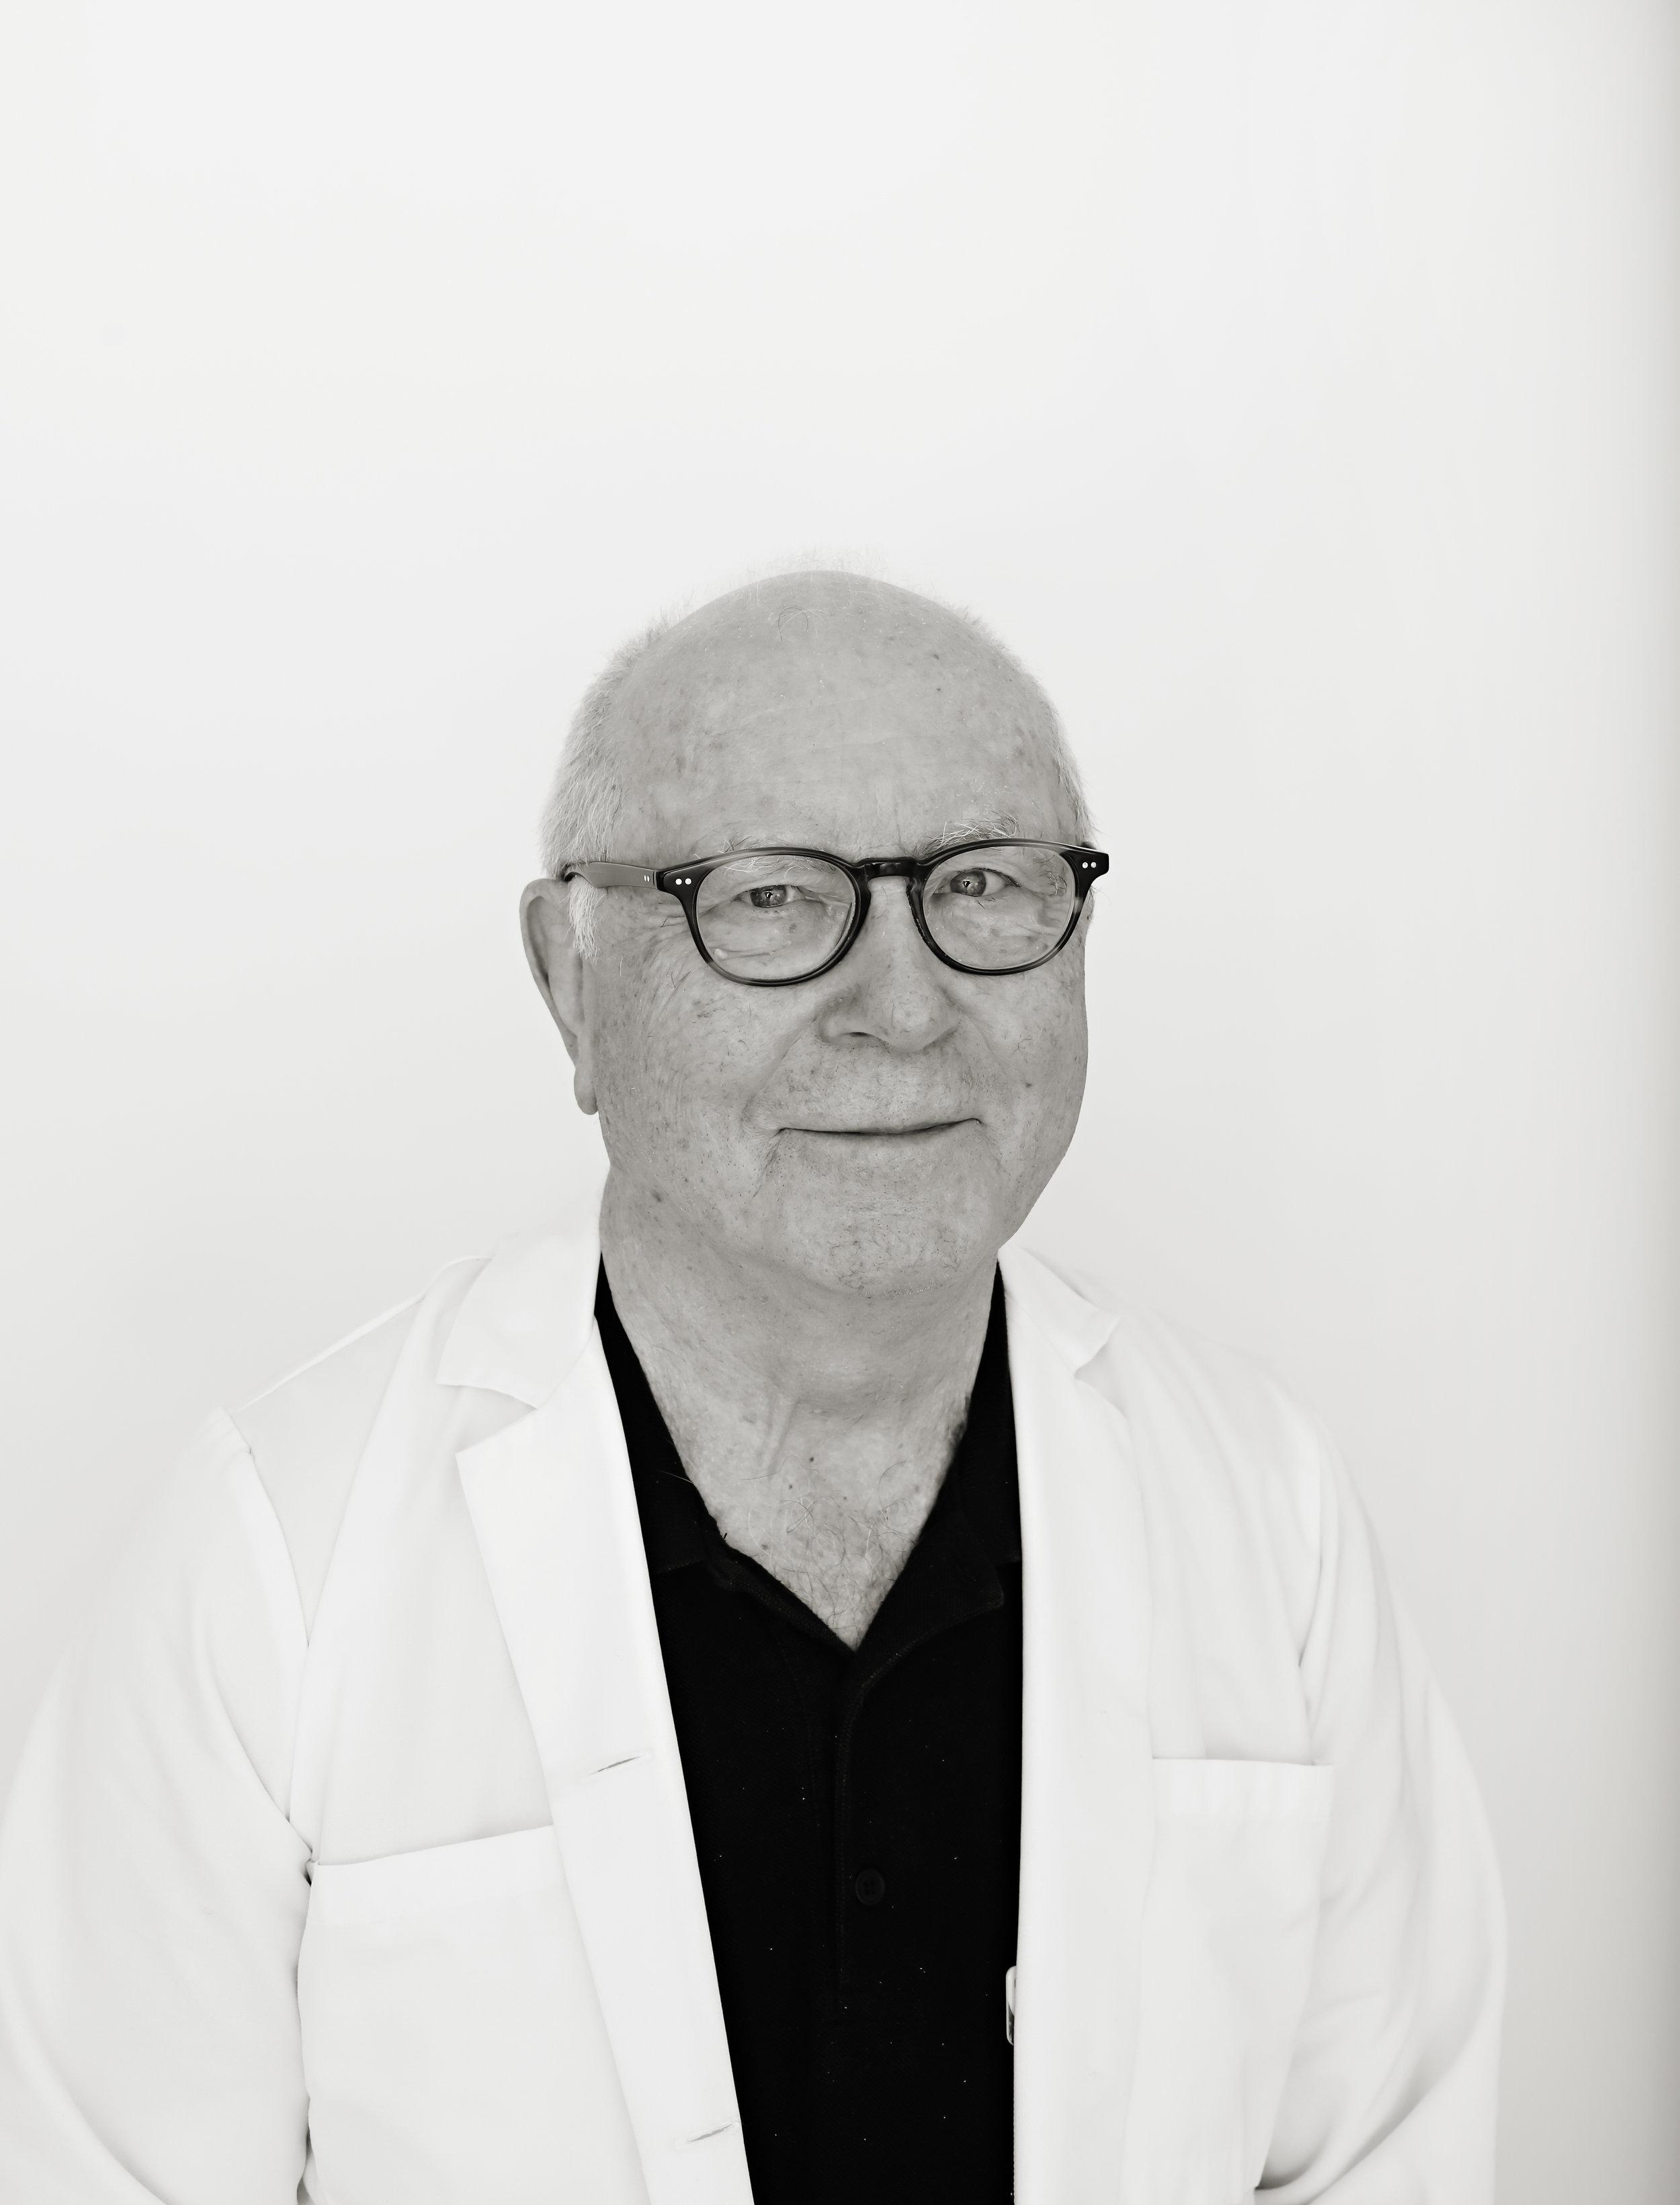 Bo Ljunggren